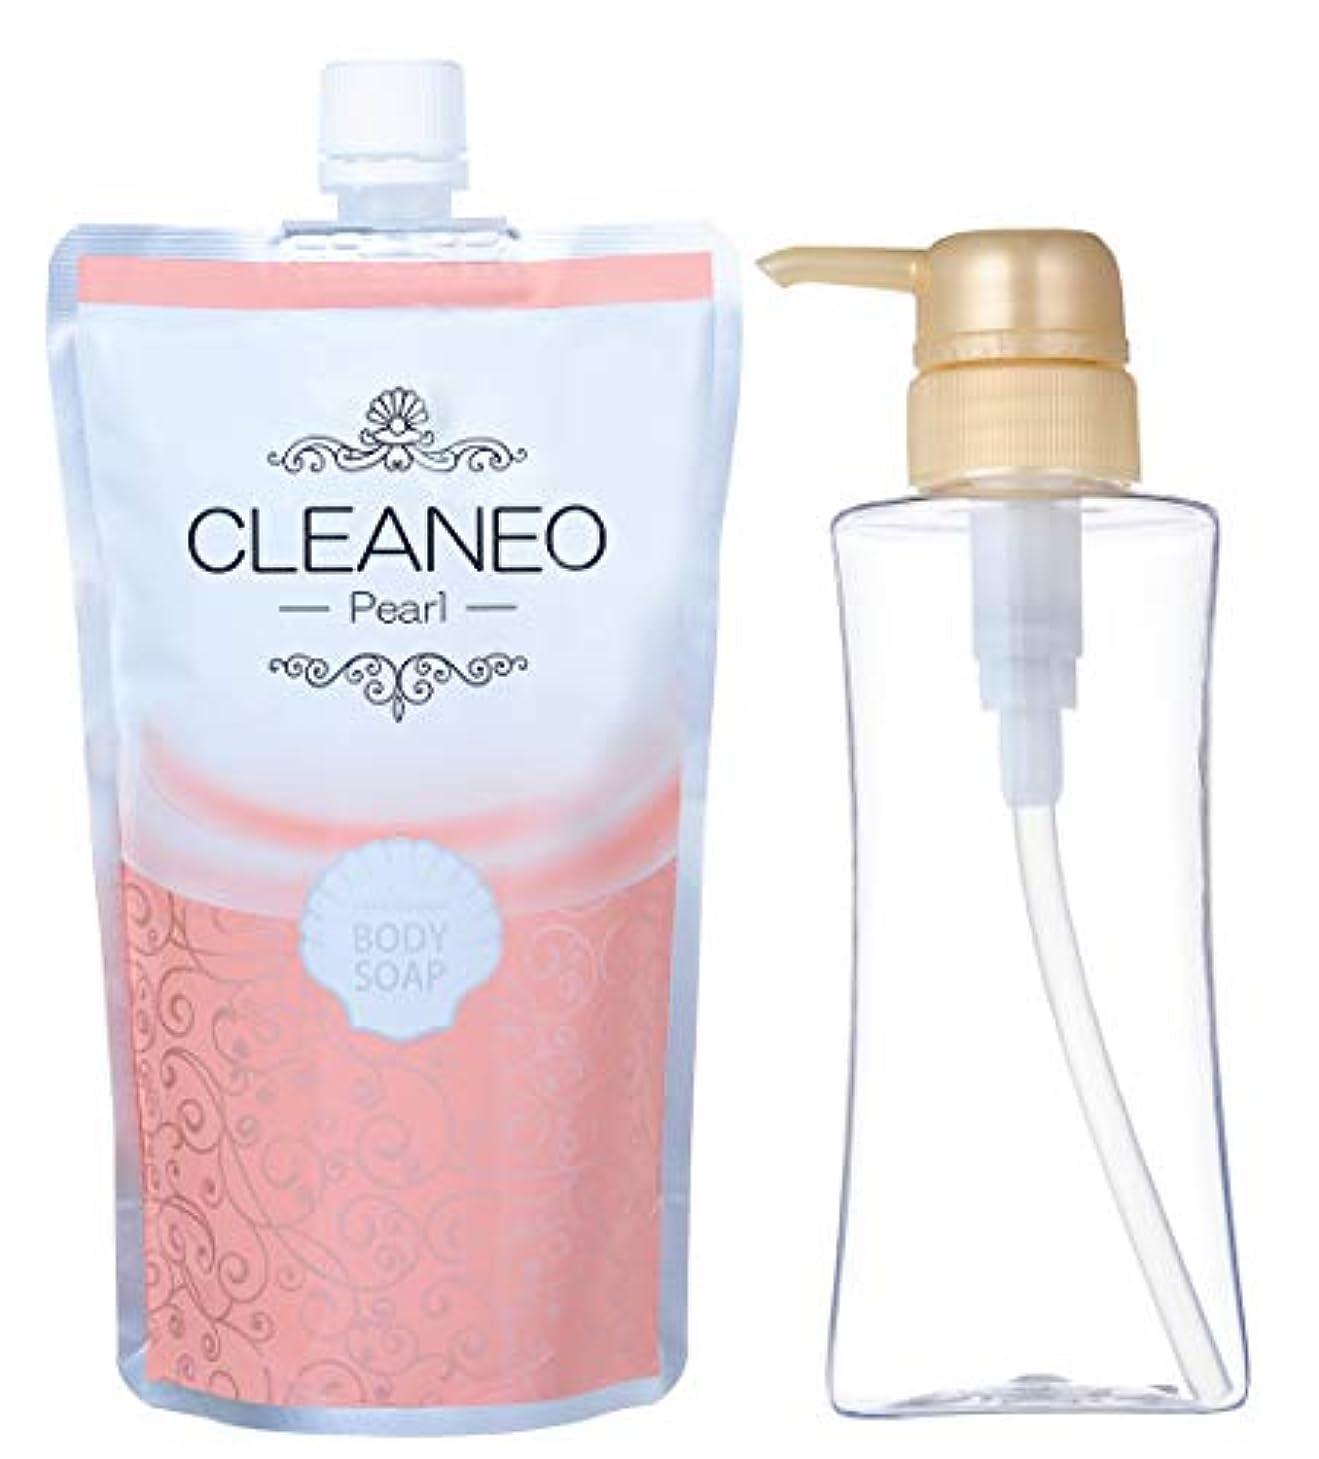 永久に株式会社害虫クリアネオ公式(CLEANEO) パール オーガニックボディソープ?透明感のある美肌へ(詰替300ml+専用ボトルセット)